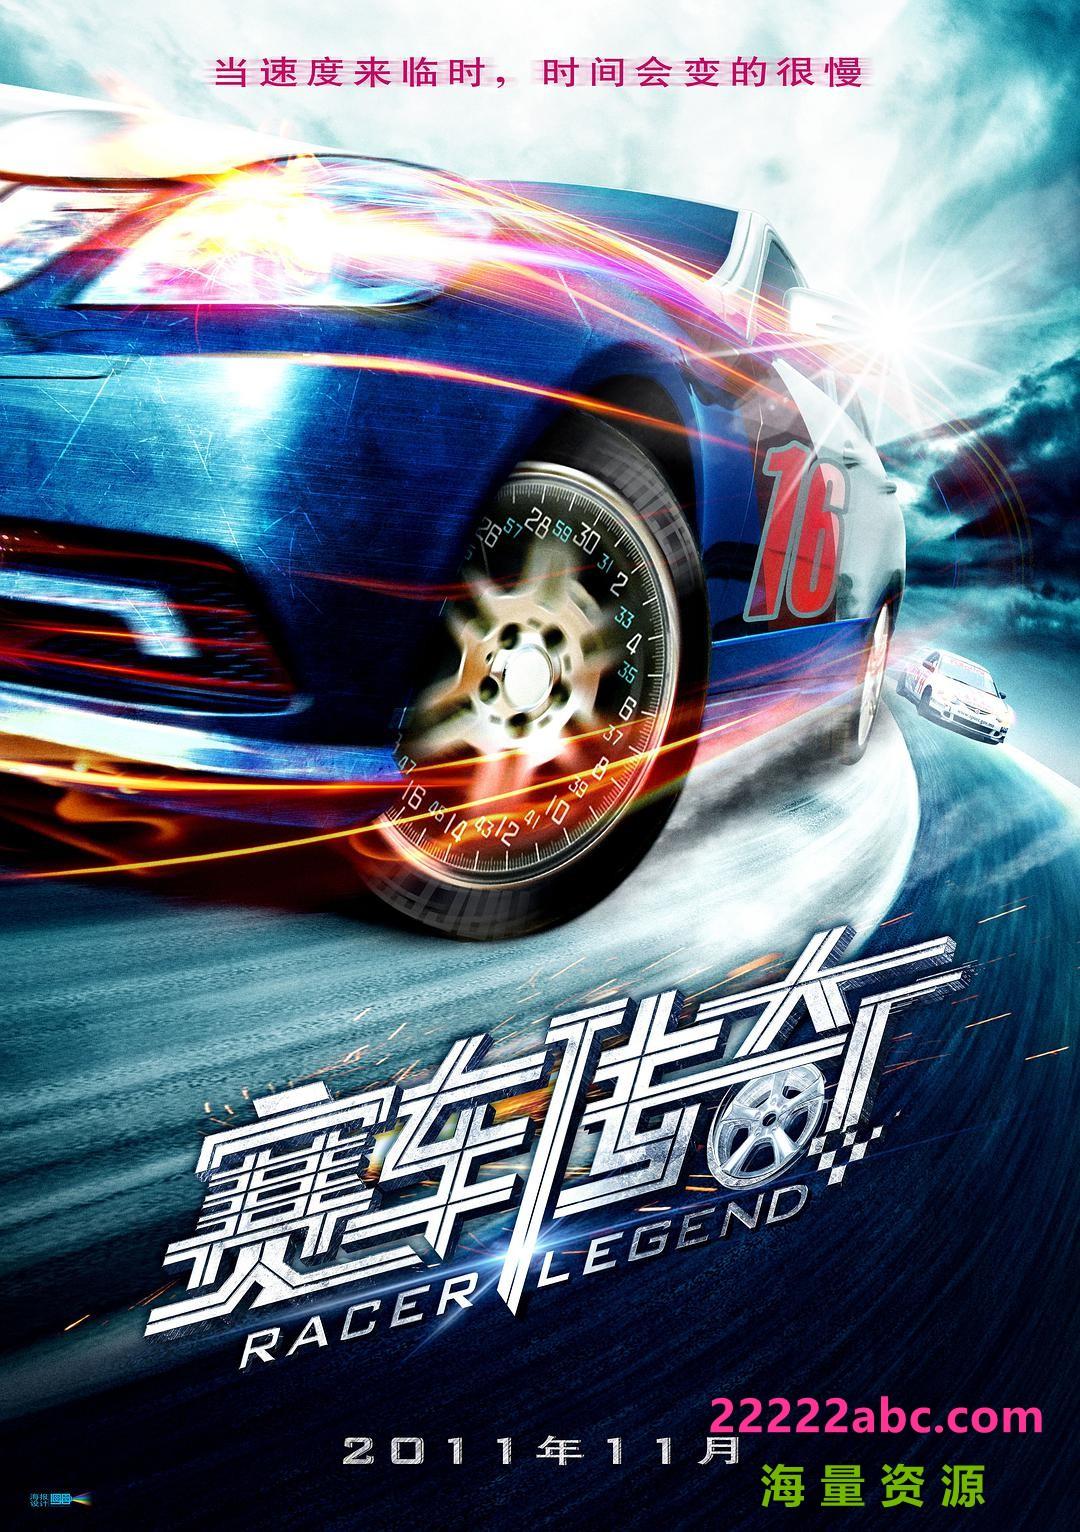 《赛车传奇》4k|1080p高清